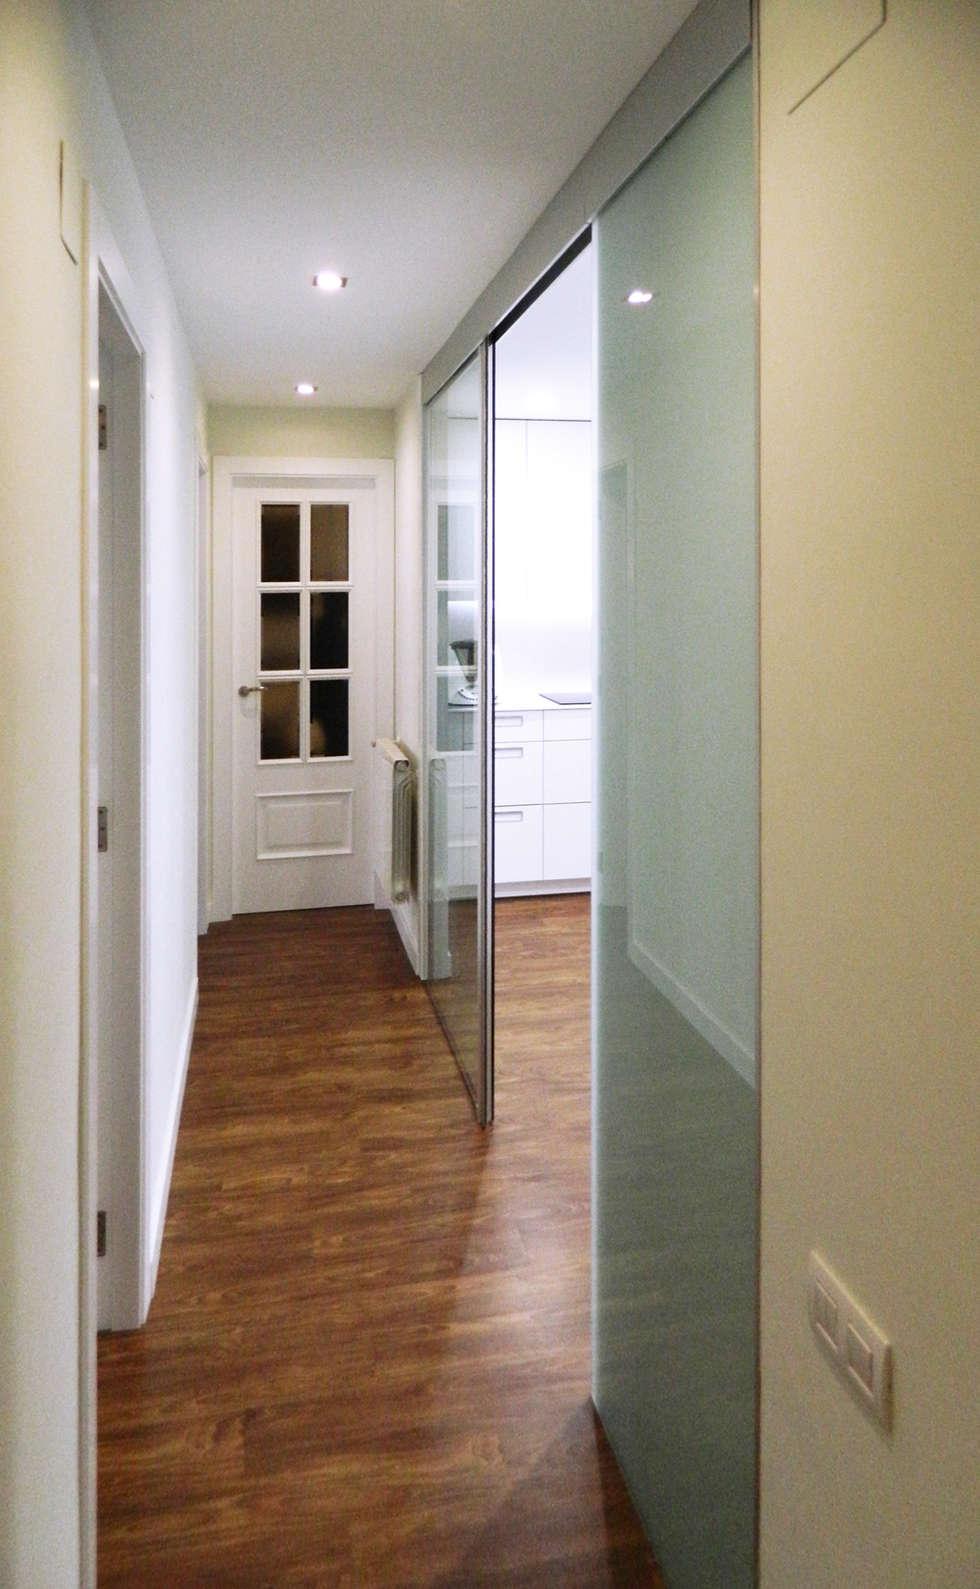 Fotos de decoraci n y dise o de interiores homify for Cocinas abiertas al pasillo